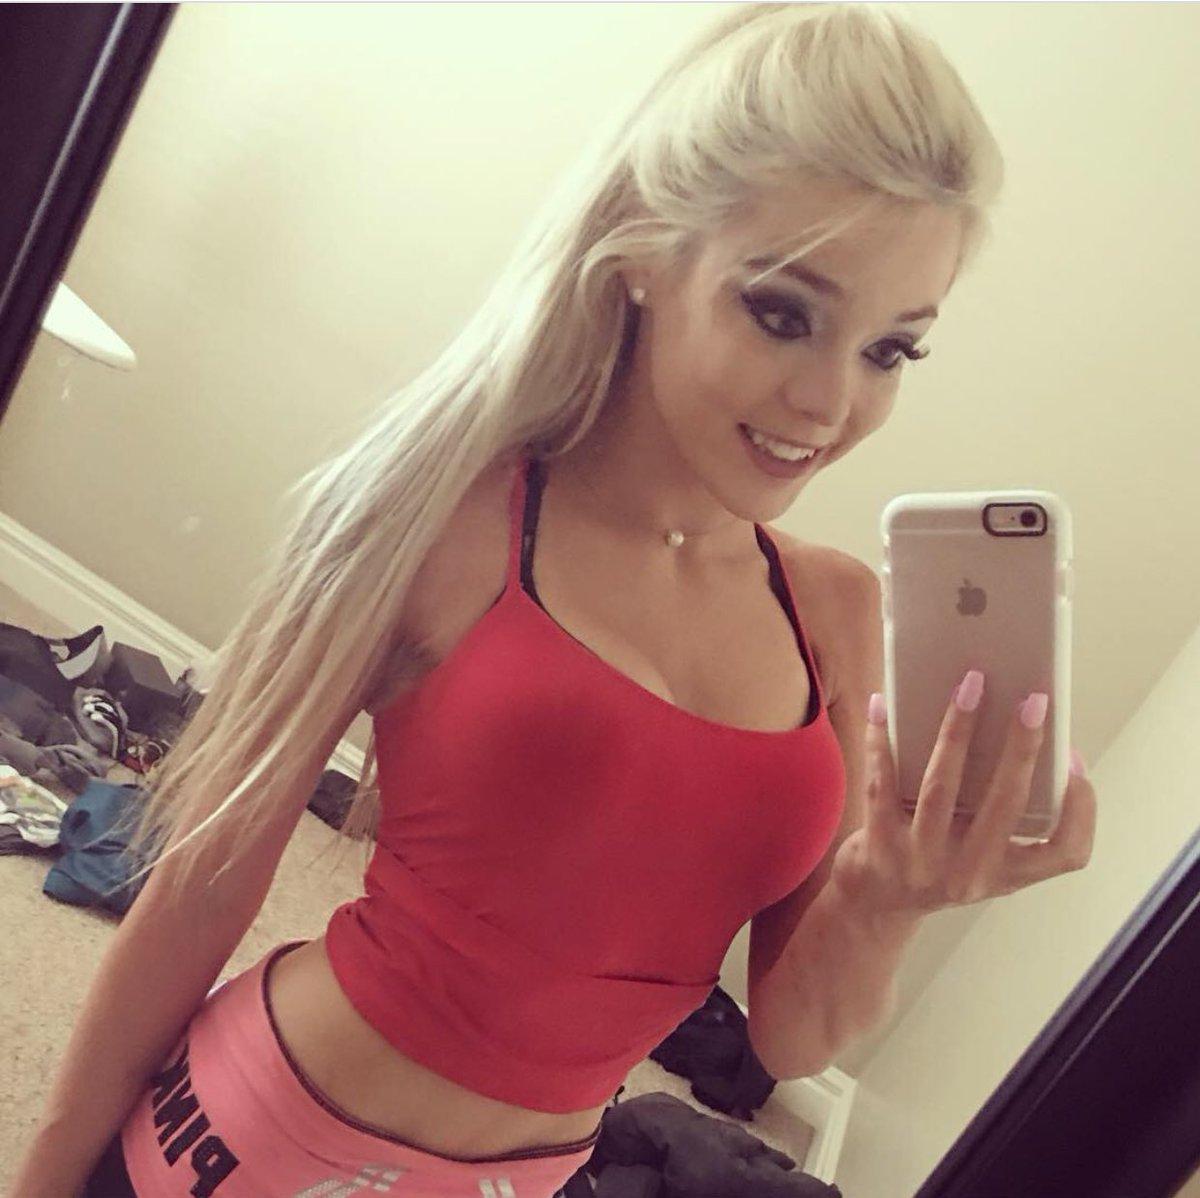 Blondiewondie Hot